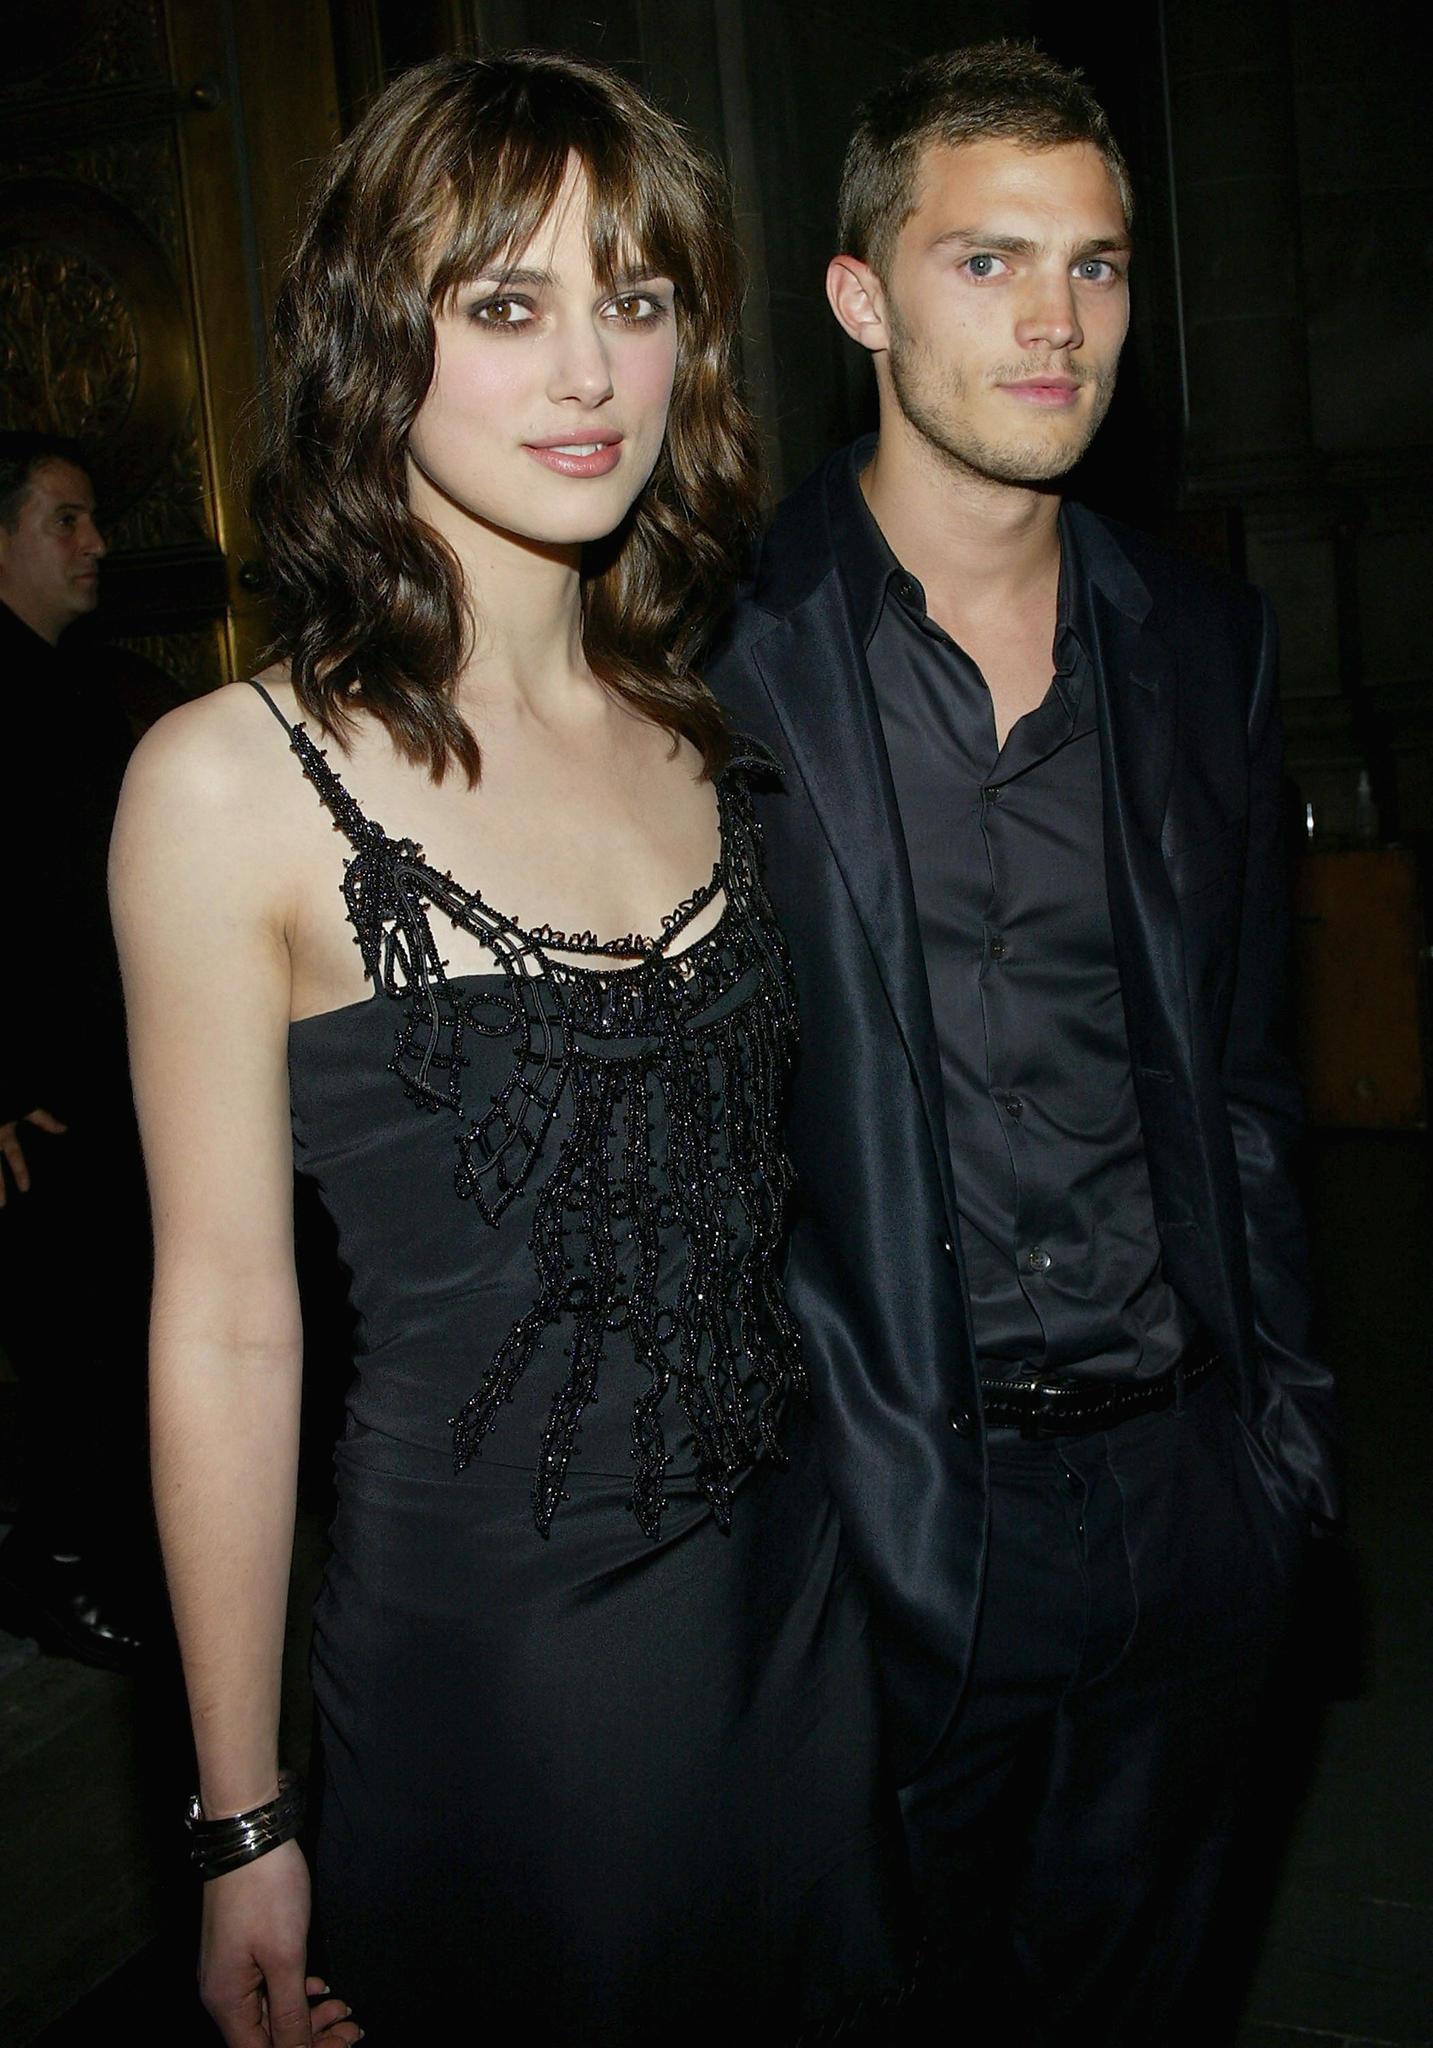 Keira Knightley und Jamie Dornan waren von 2003 bis 2005 in einer Liebes-Beziehung.